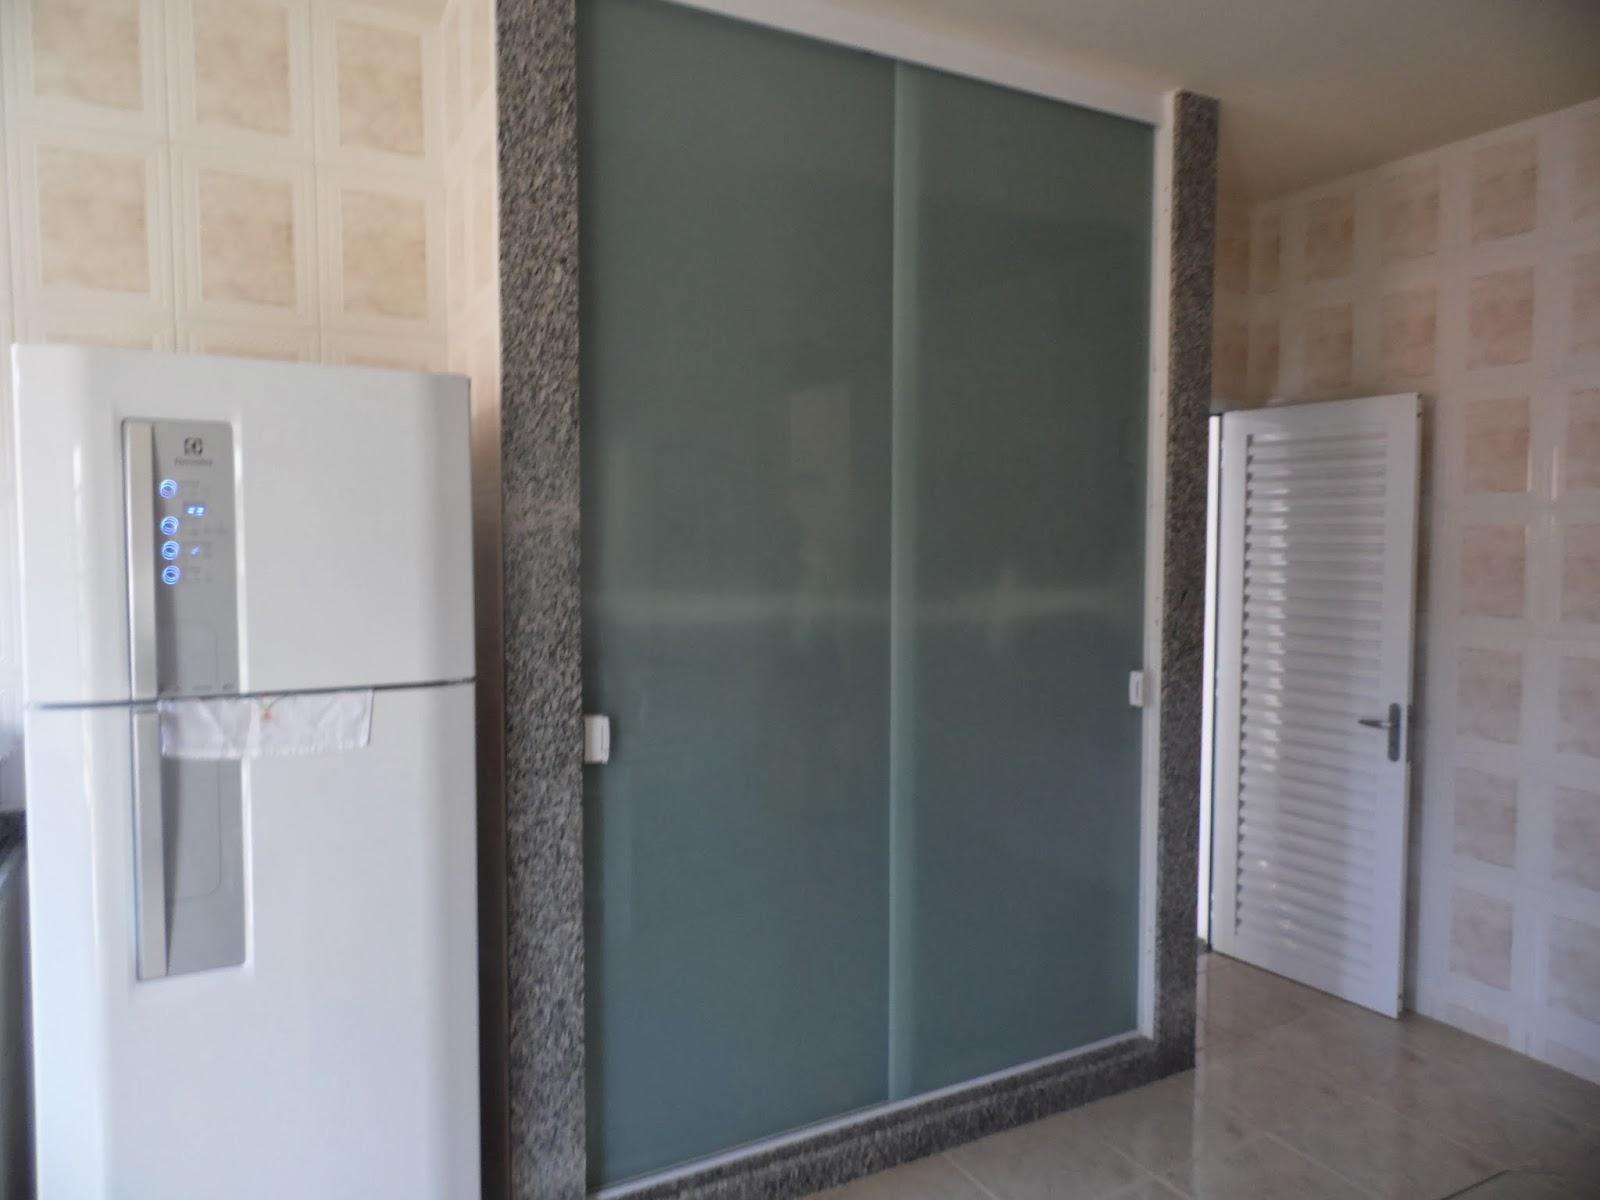 AF4 TEMPER VIDROS: Armario de cozinha em vidro serigrafado incolor  #7B6750 1600x1200